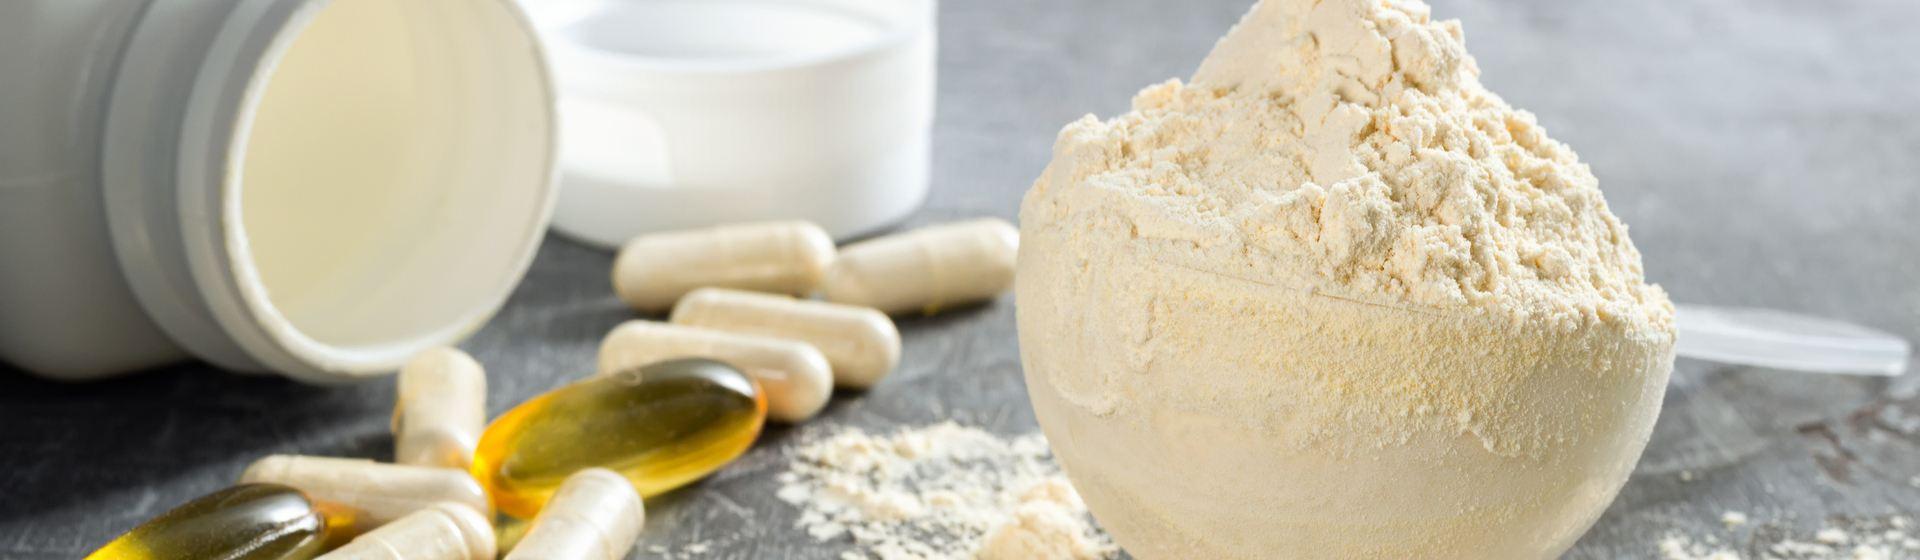 Os melhores suplementos para ganhar massa muscular, de acordo com uma nutricionista